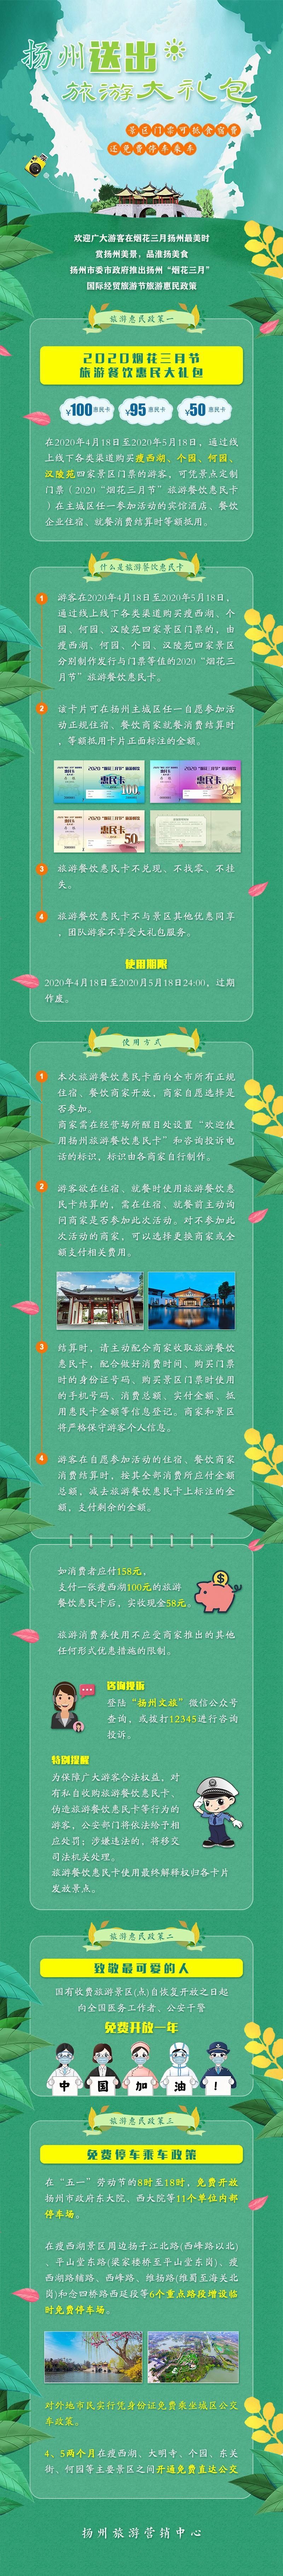 蓝冠官网:州推出烟蓝冠官网花三月节旅游餐饮惠民图片